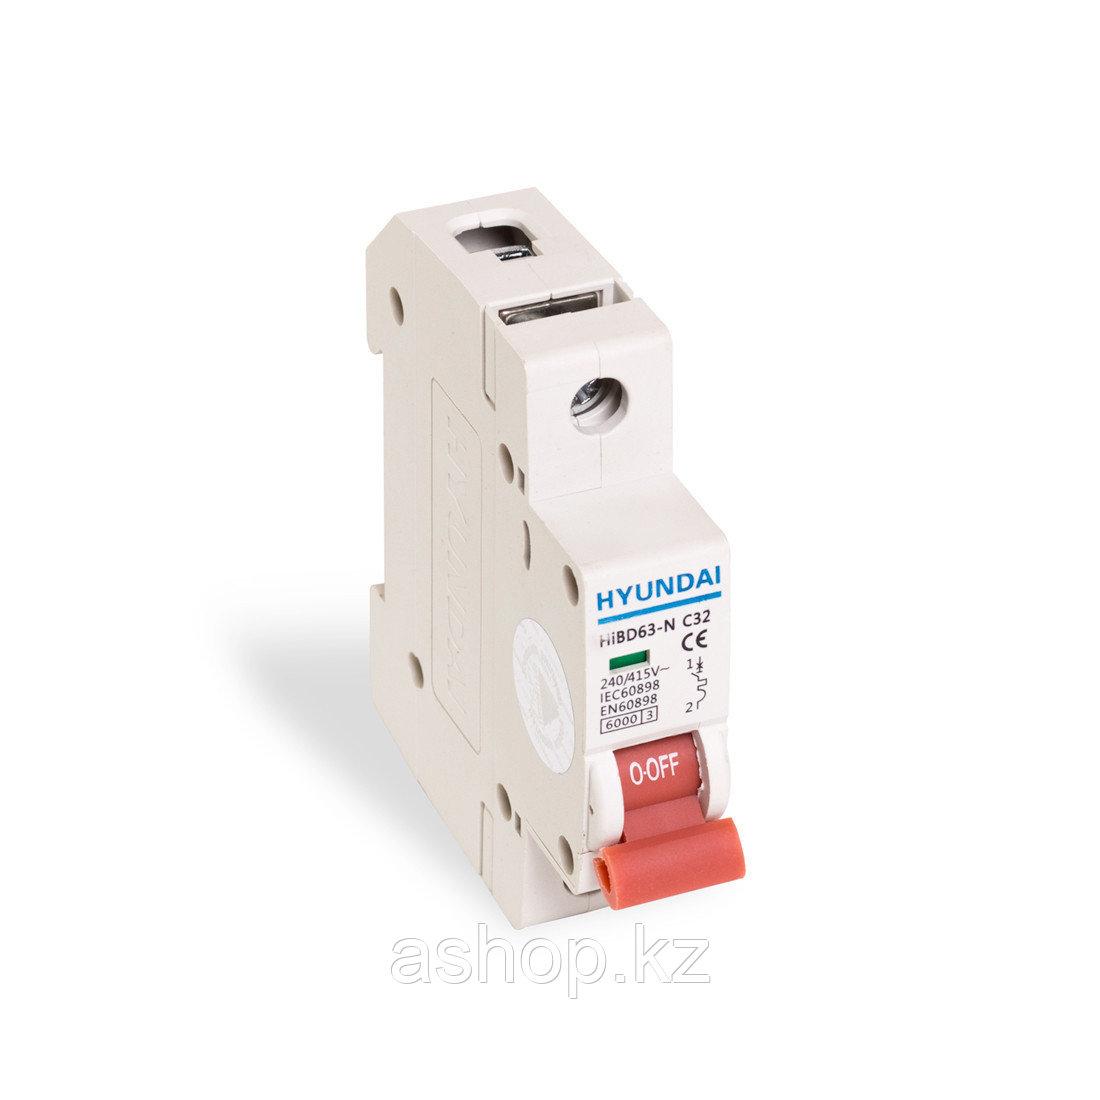 Автоматический выключатель реечный Hyundai HiBD63-N 1P 63А, 230/400 В, Кол-во полюсов: 1, Предел отключения: 6